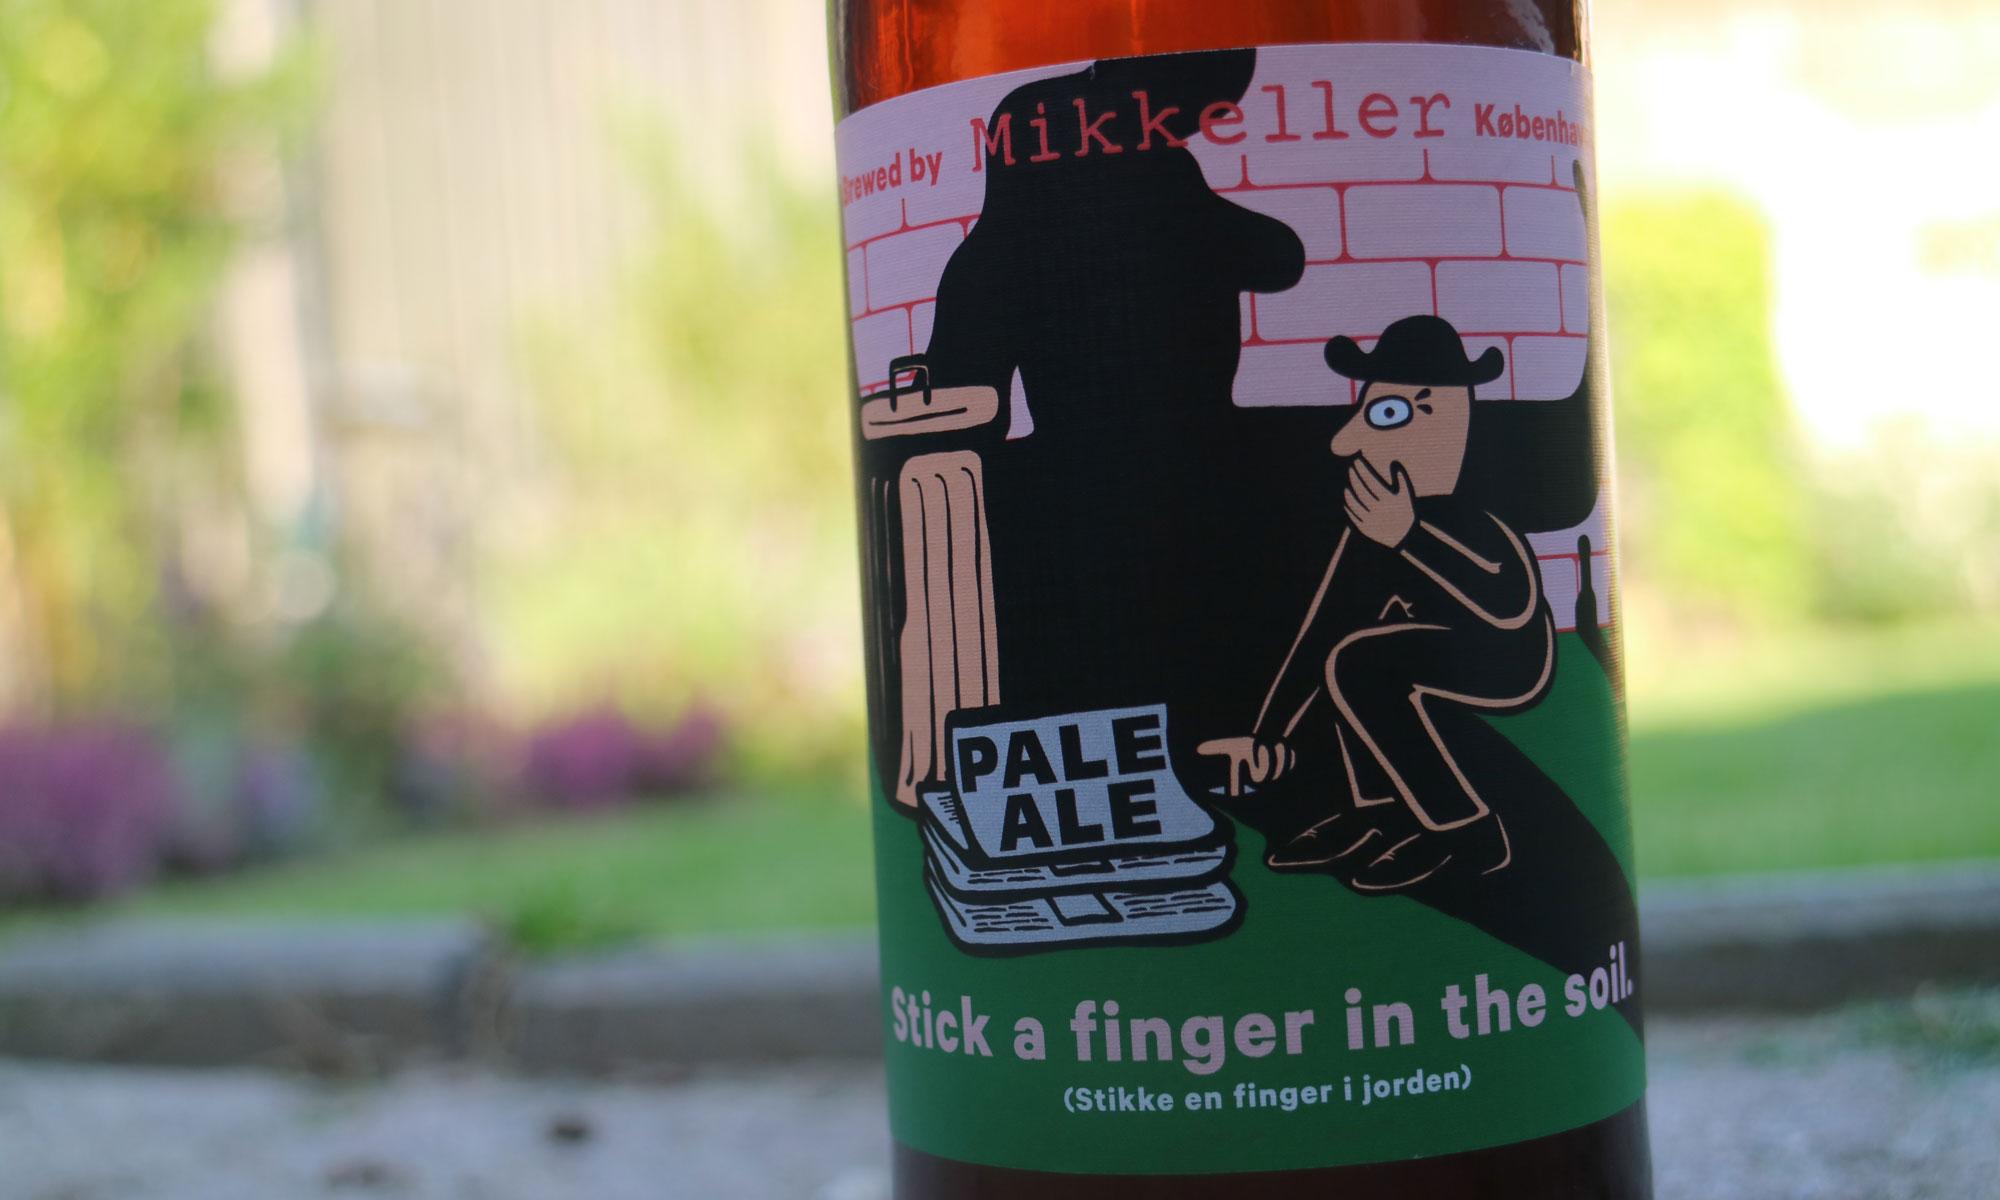 De Stick a finger in the Soil van brouwerij Mikkeler